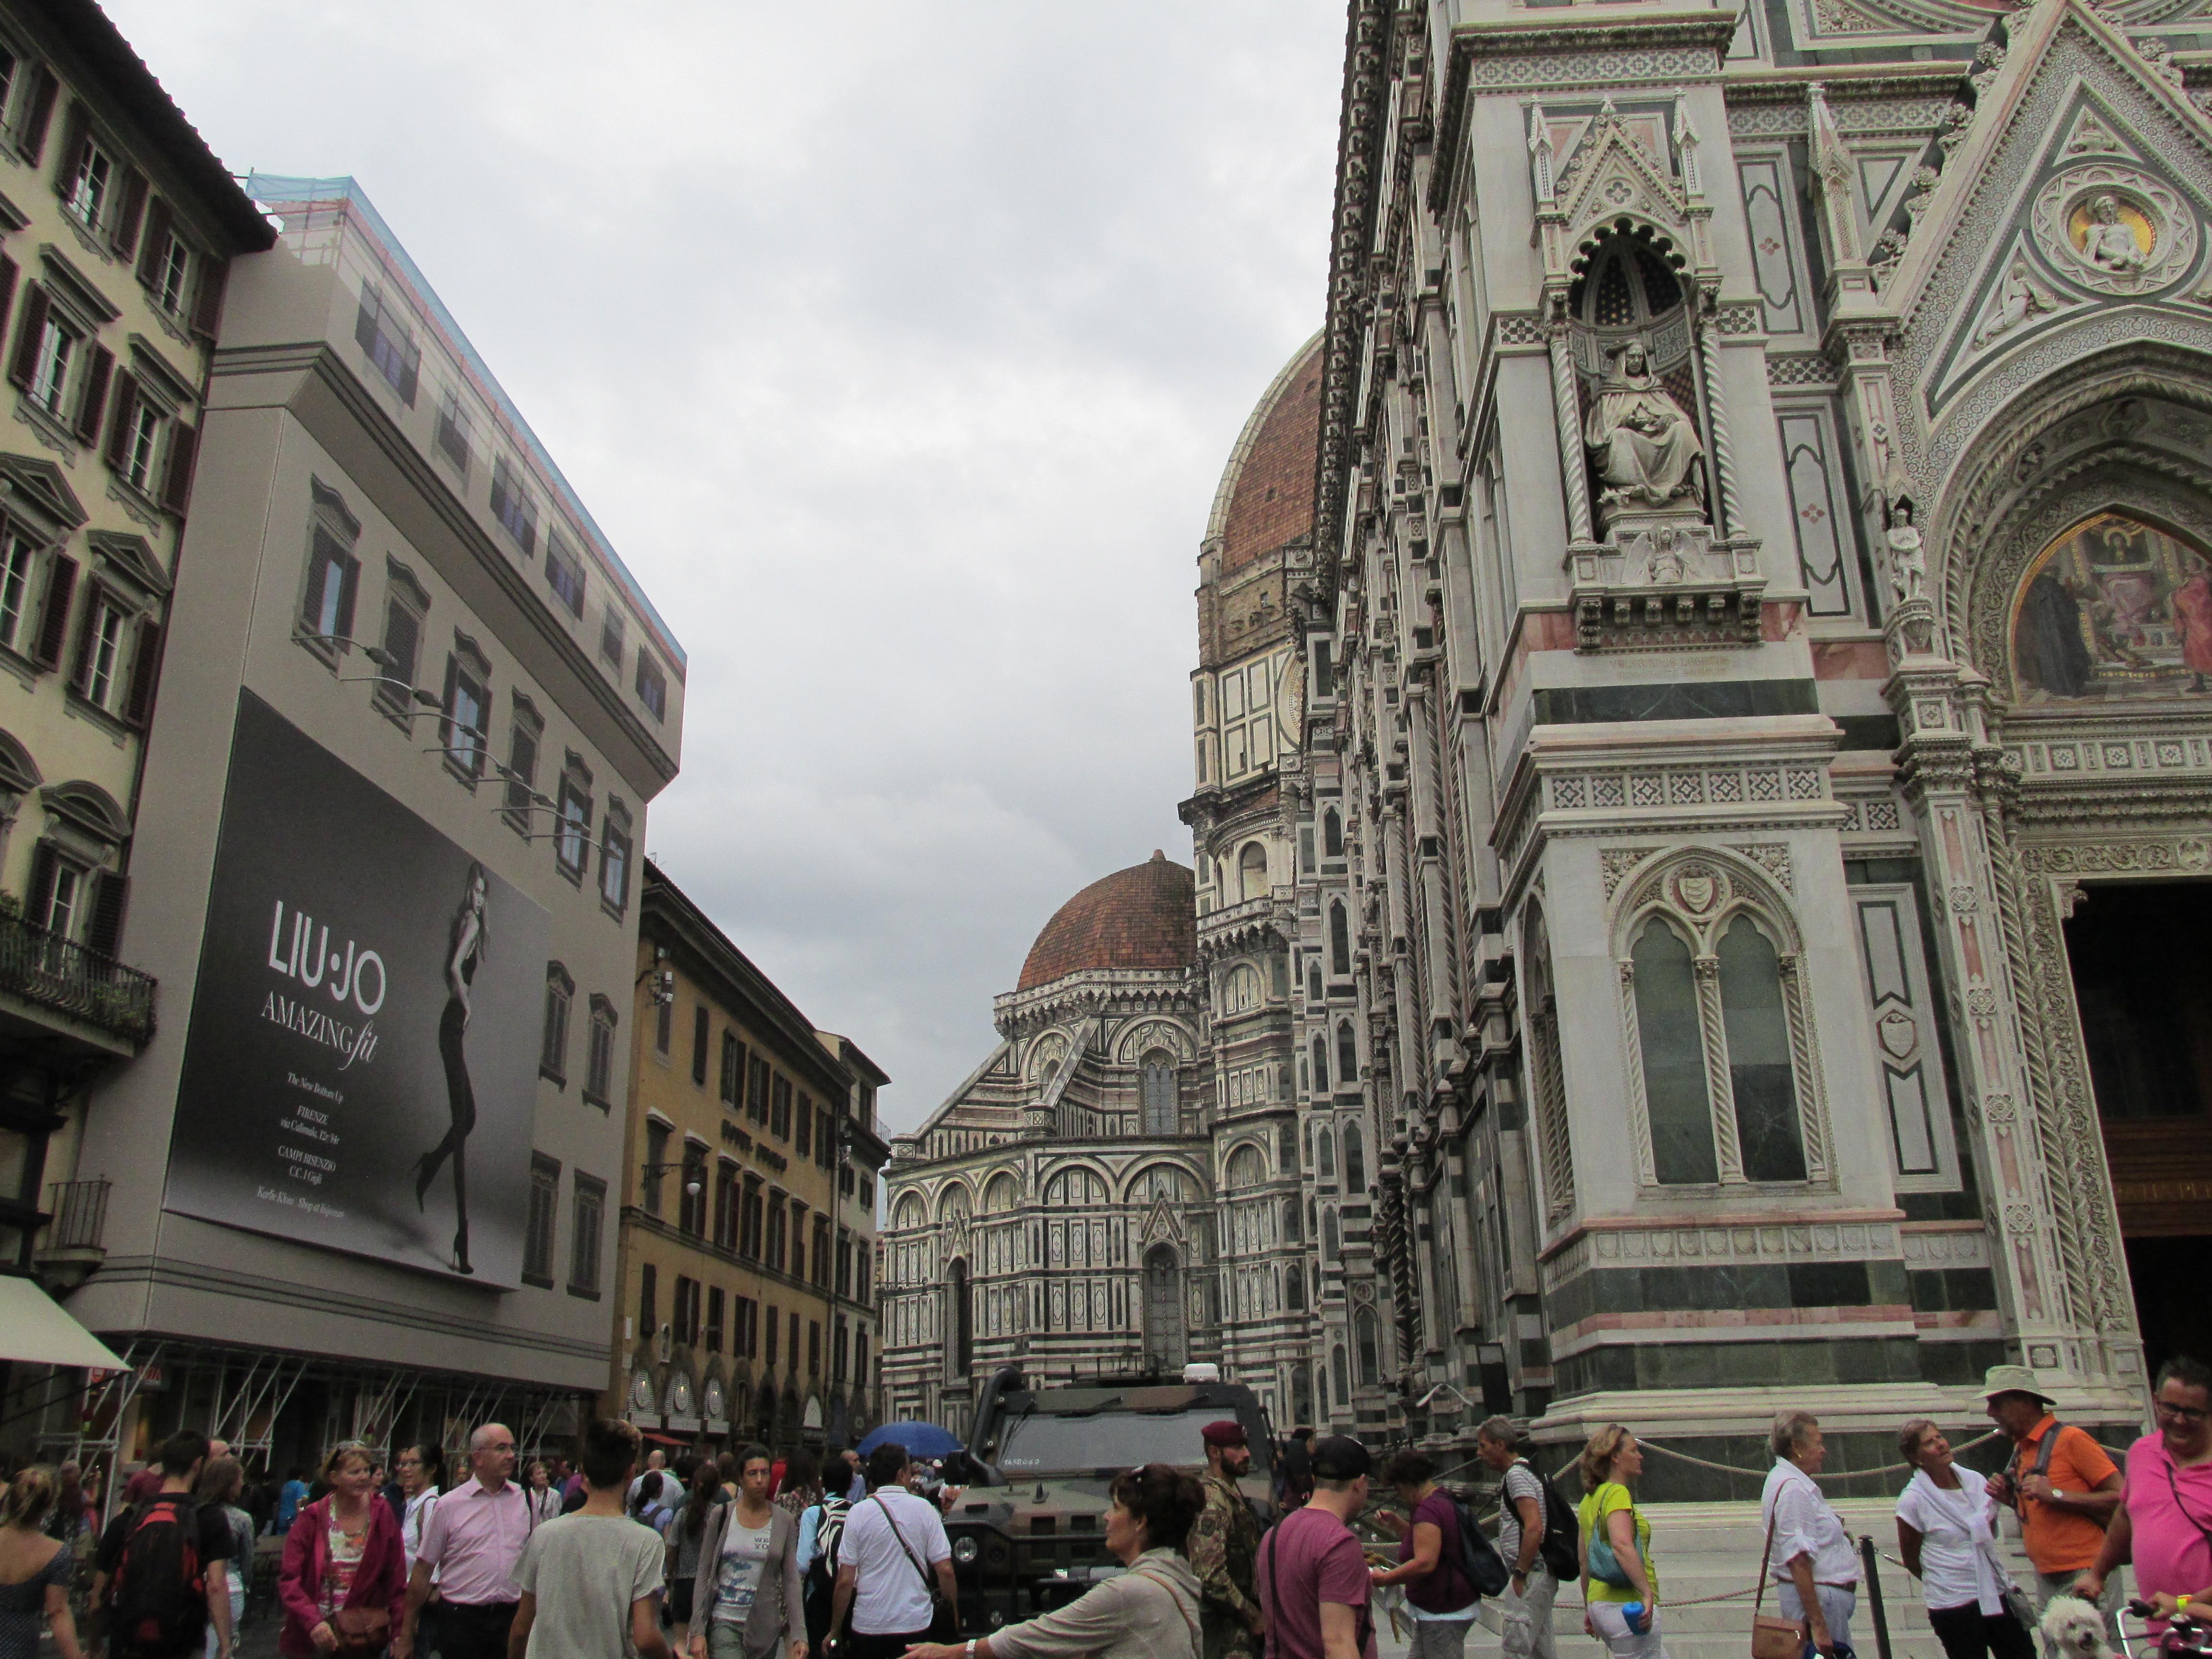 img 2863 - Visitando la Catedral Santa Maria del Fiore de Florencia III/III